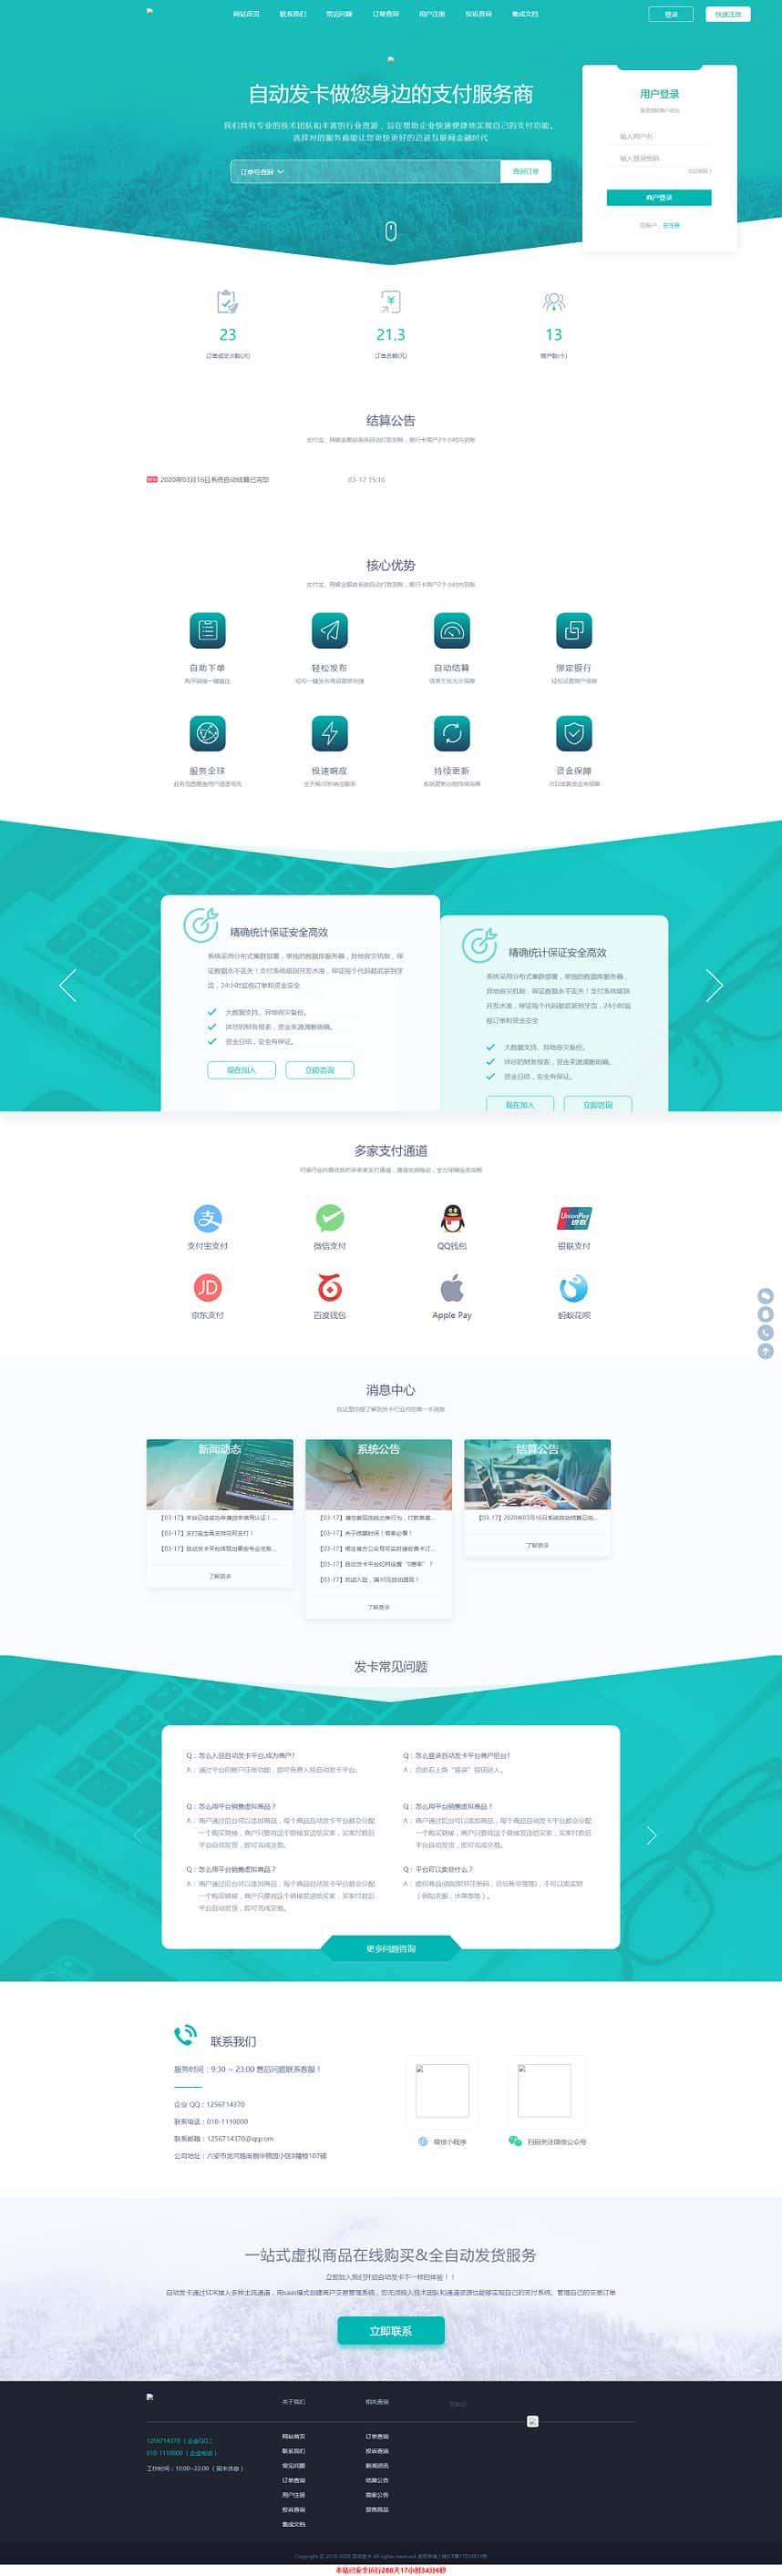 知宇发卡系统模板绿色商务自动发卡平台首页模板